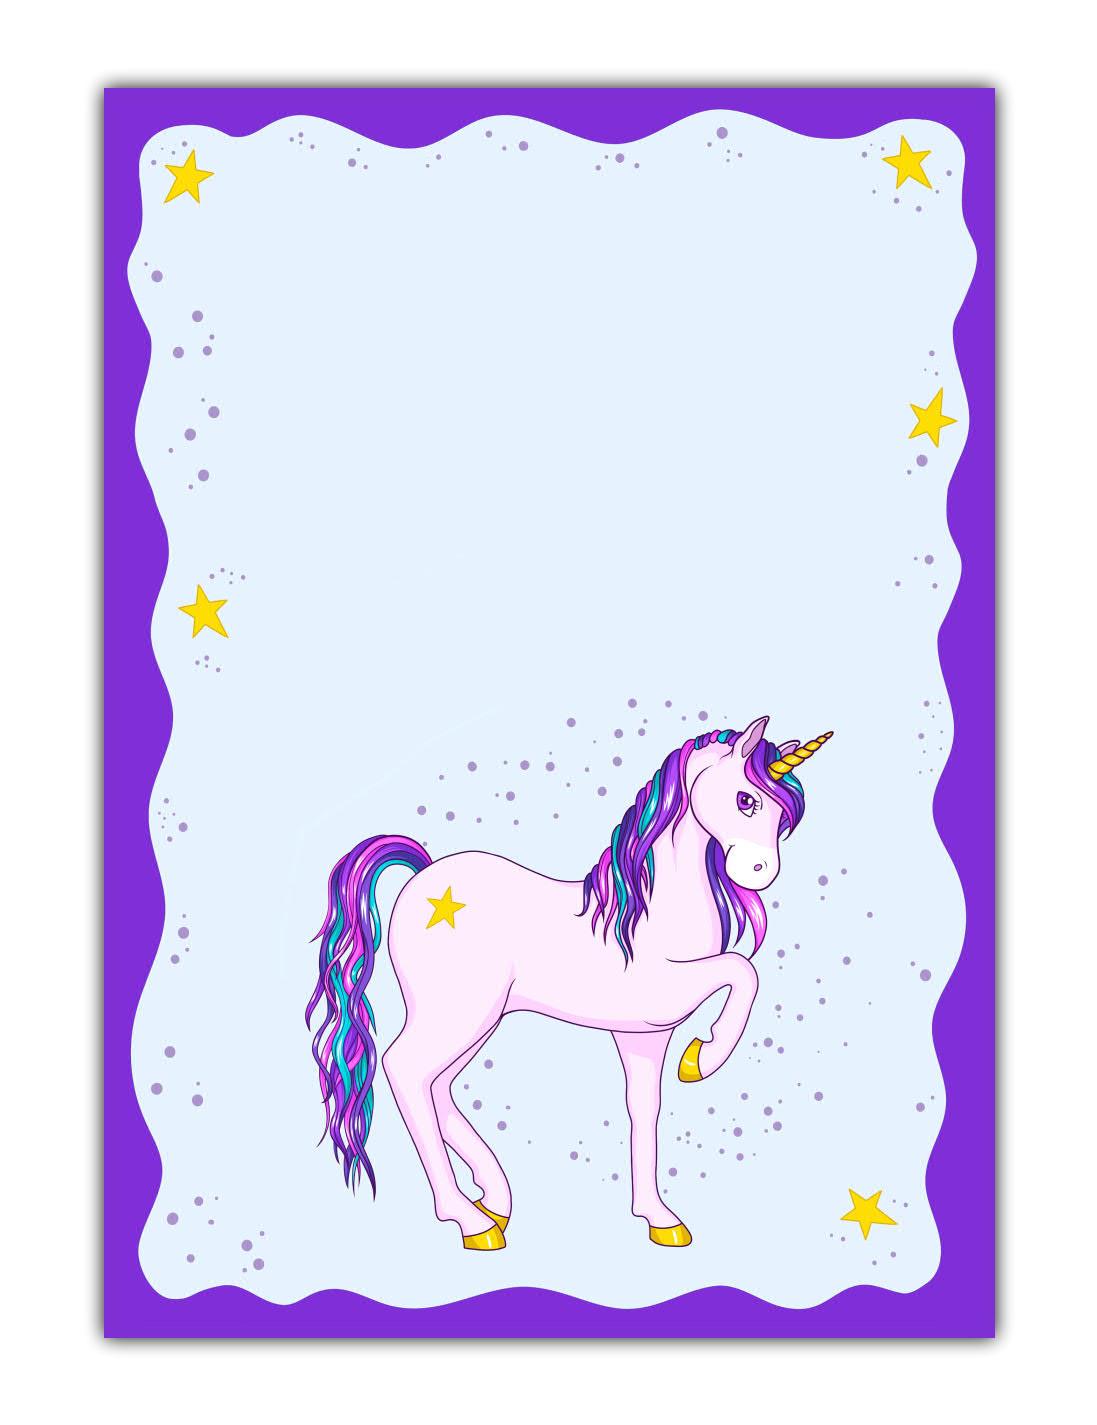 Kinder Motivpapier Briefpapier süßes violettes Einhorn mit Sternen (MPA-5193, DIN A4, 100 Blatt)